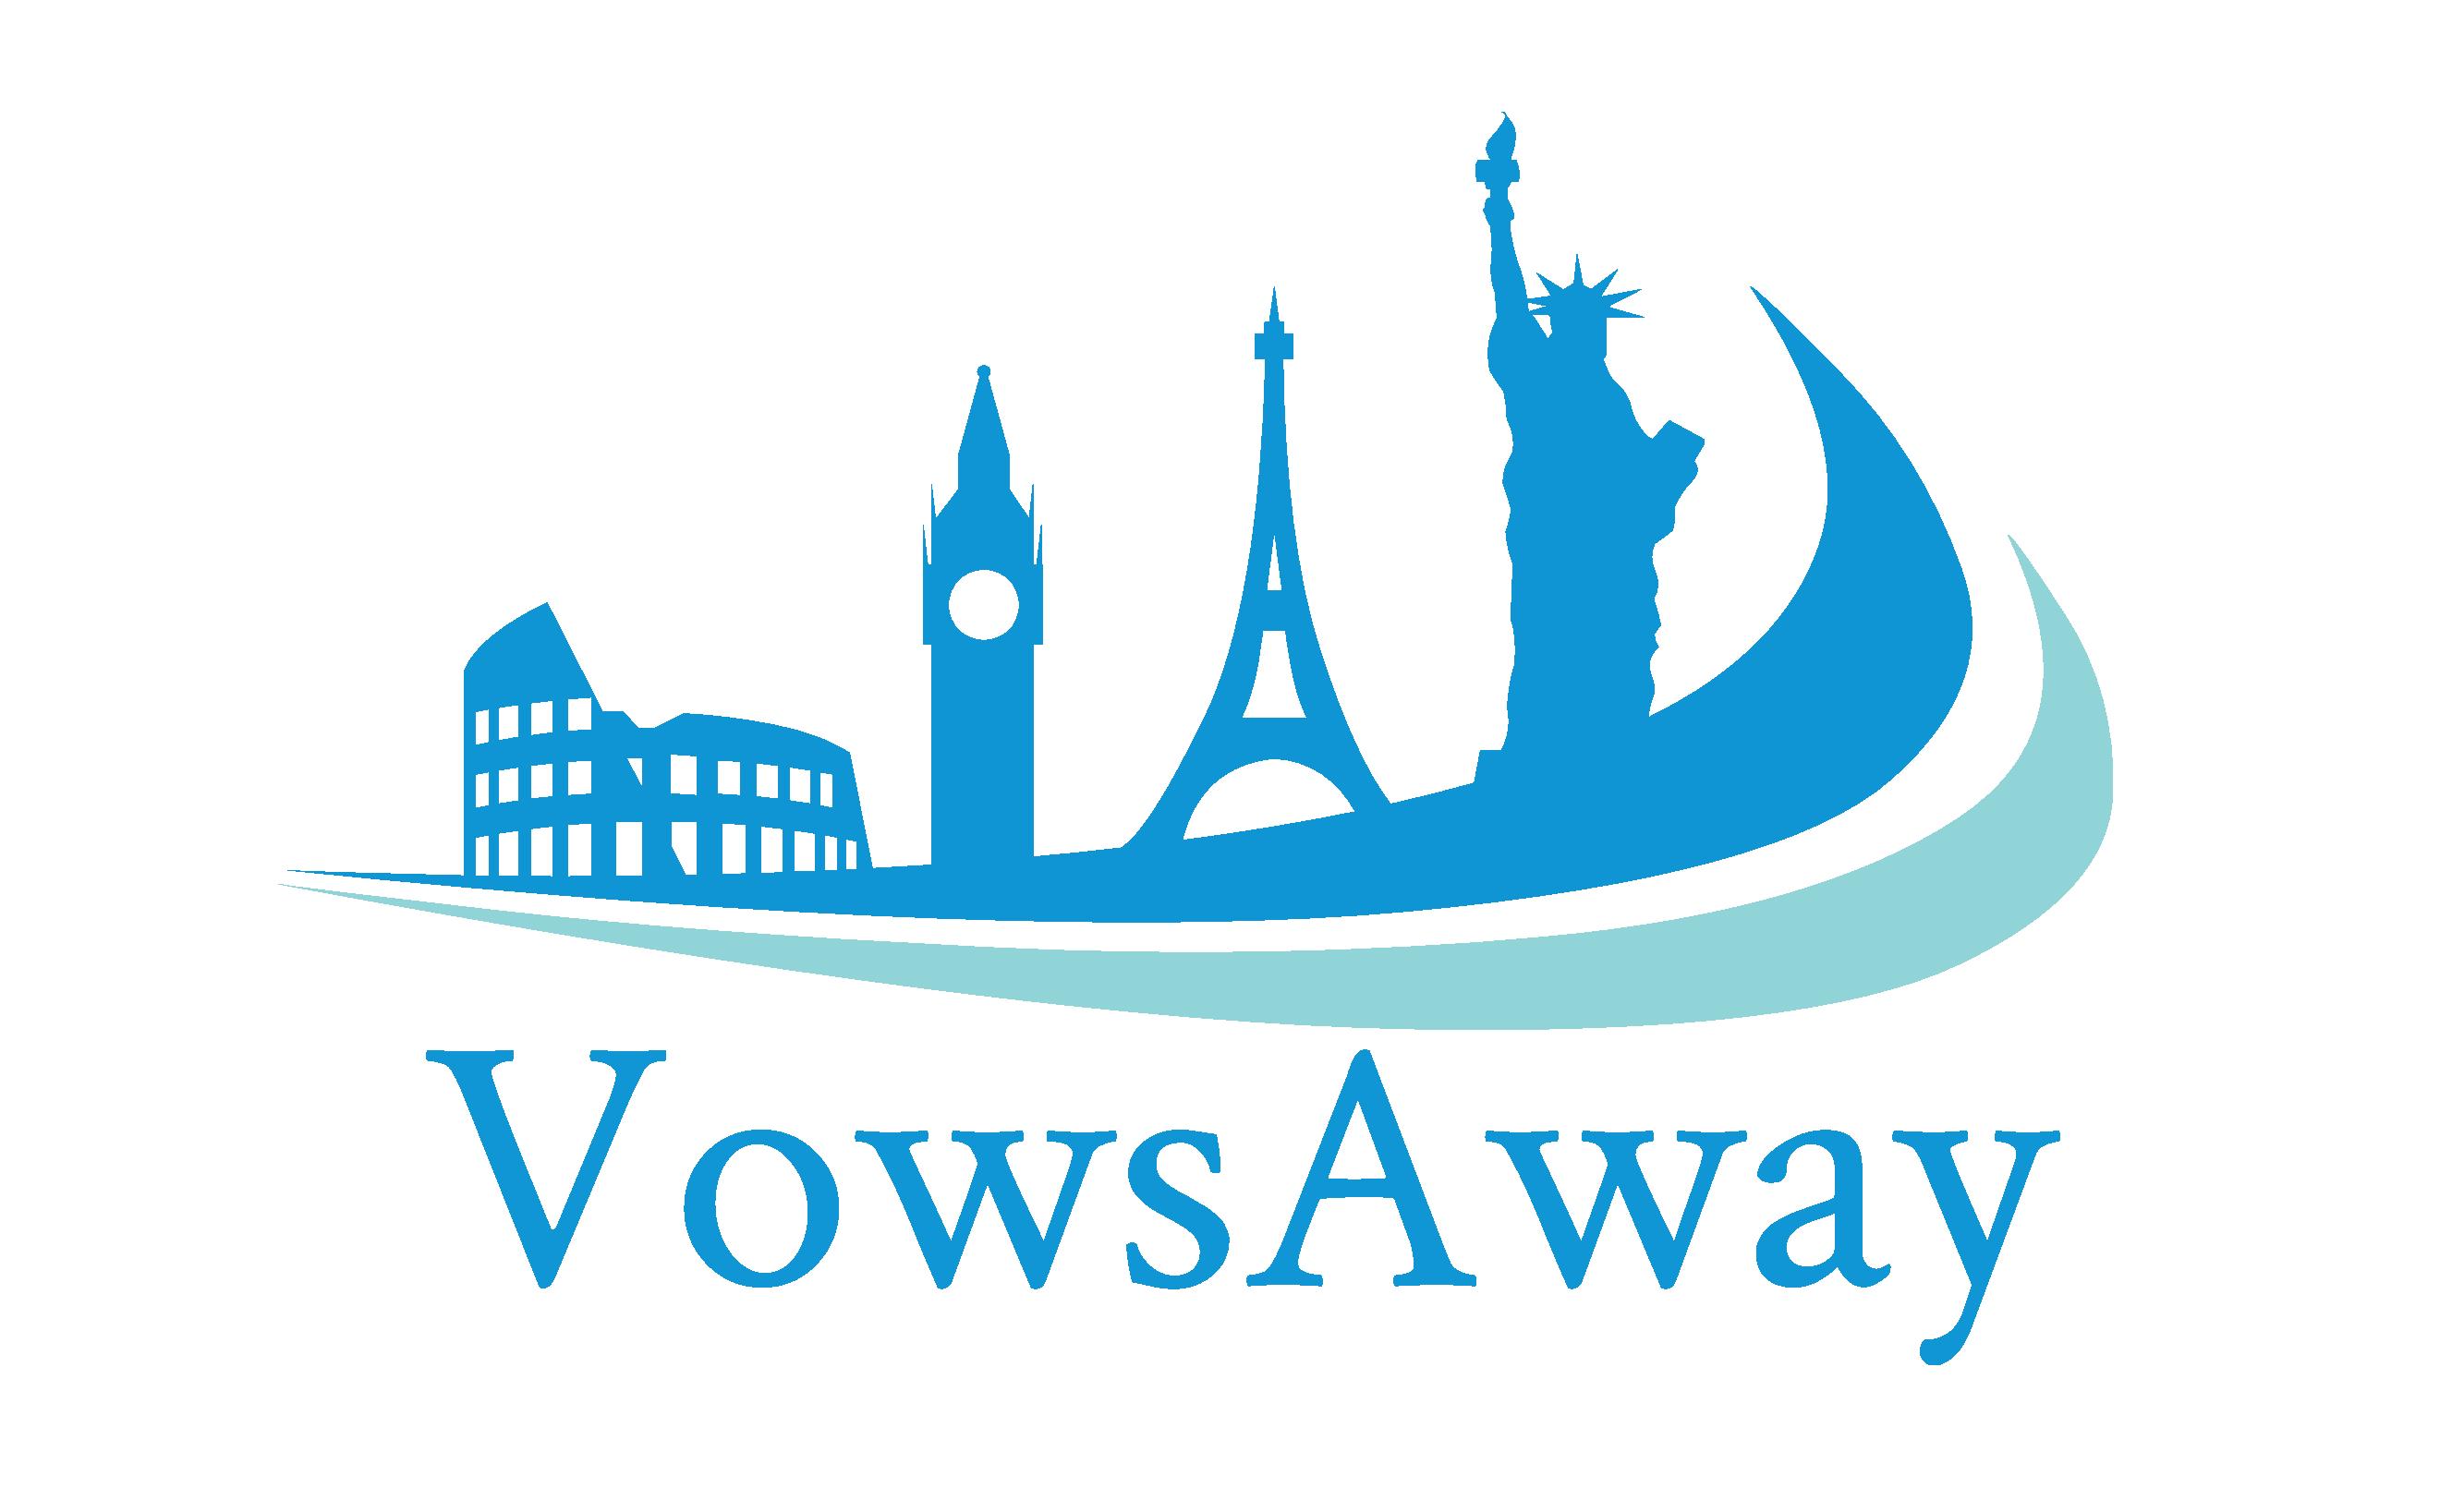 VowsAway